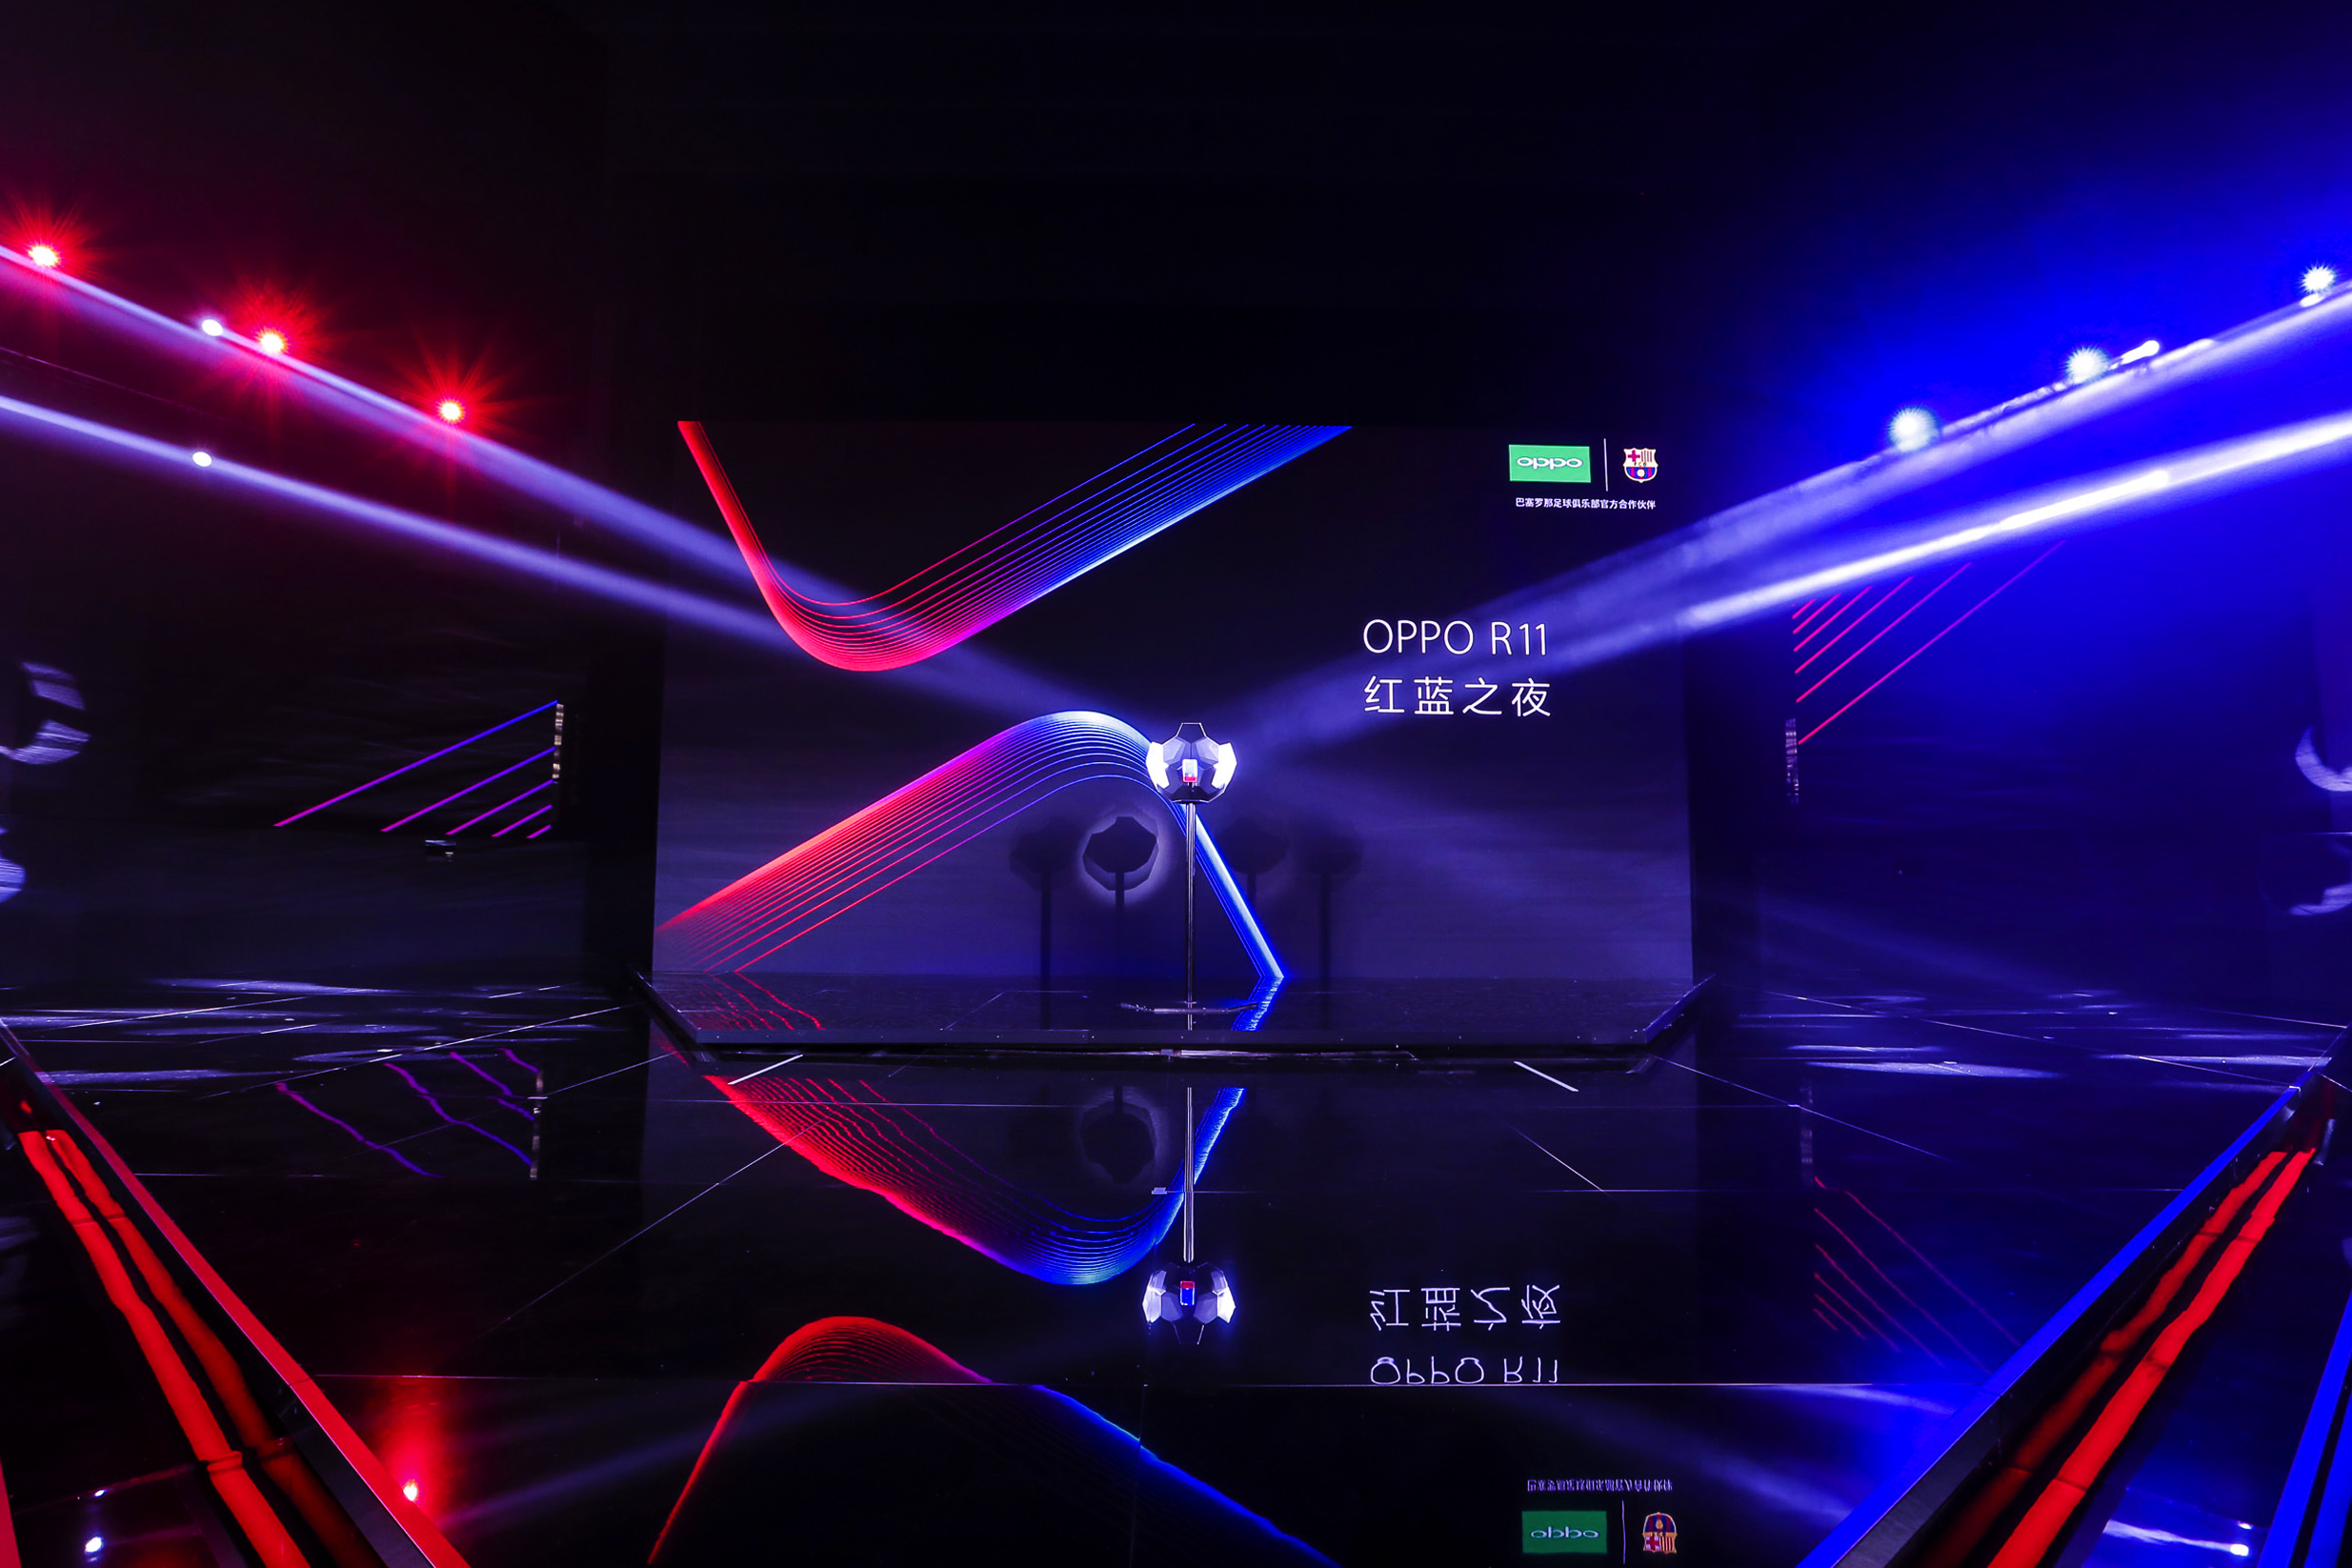 突破手机设计的新高度,oppo r11巴萨版潮流来袭